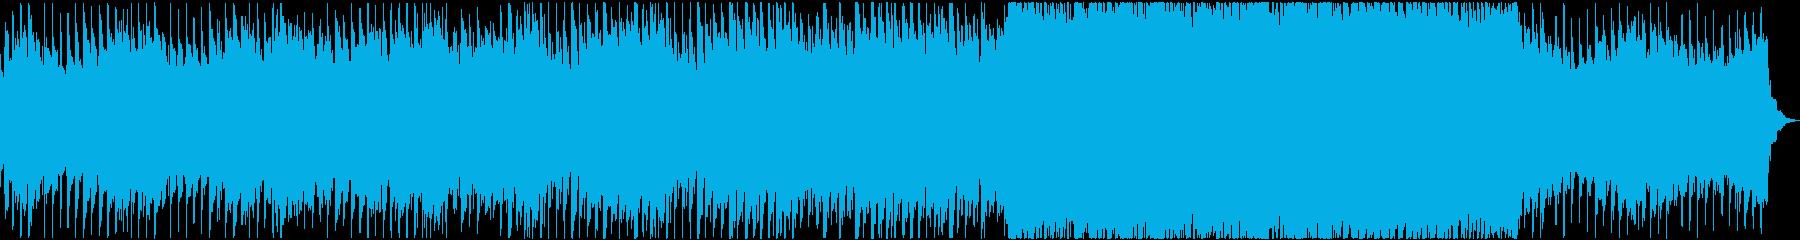 わくわく広がる 優しいオーケストラ系の再生済みの波形